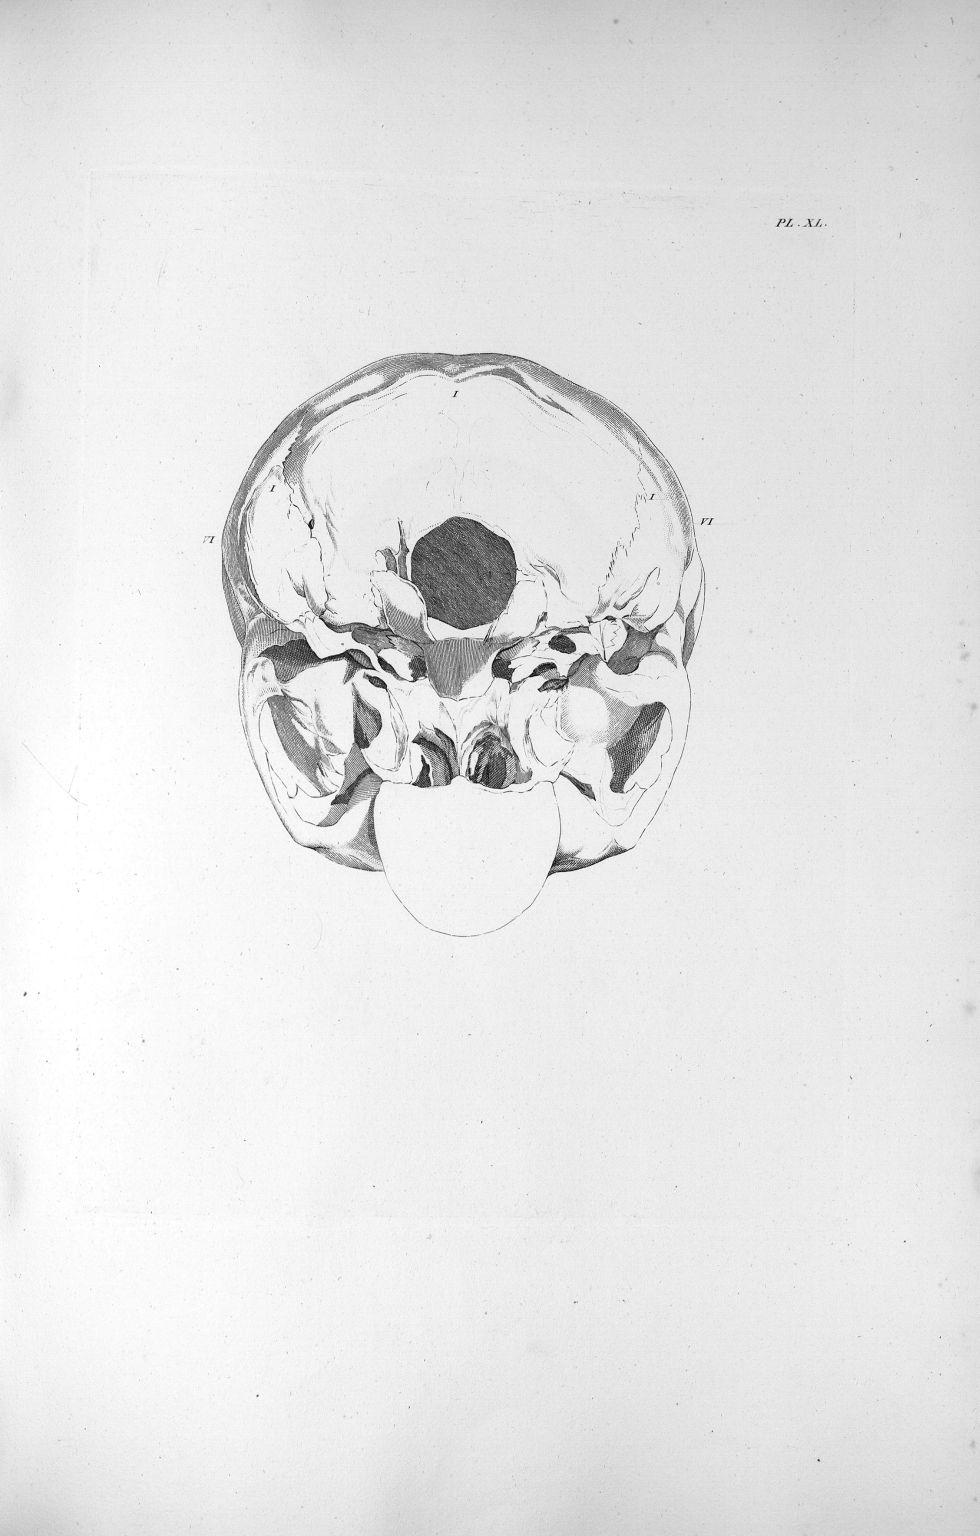 Pl. XL. Base du crâne d'un aliéné érotique avec un très-grand développement du cervelet - Anatomie e [...] - Anatomie. Neurologie. Crânes. Phrénologie. 19e siècle (France) - med00575xatlasx0050